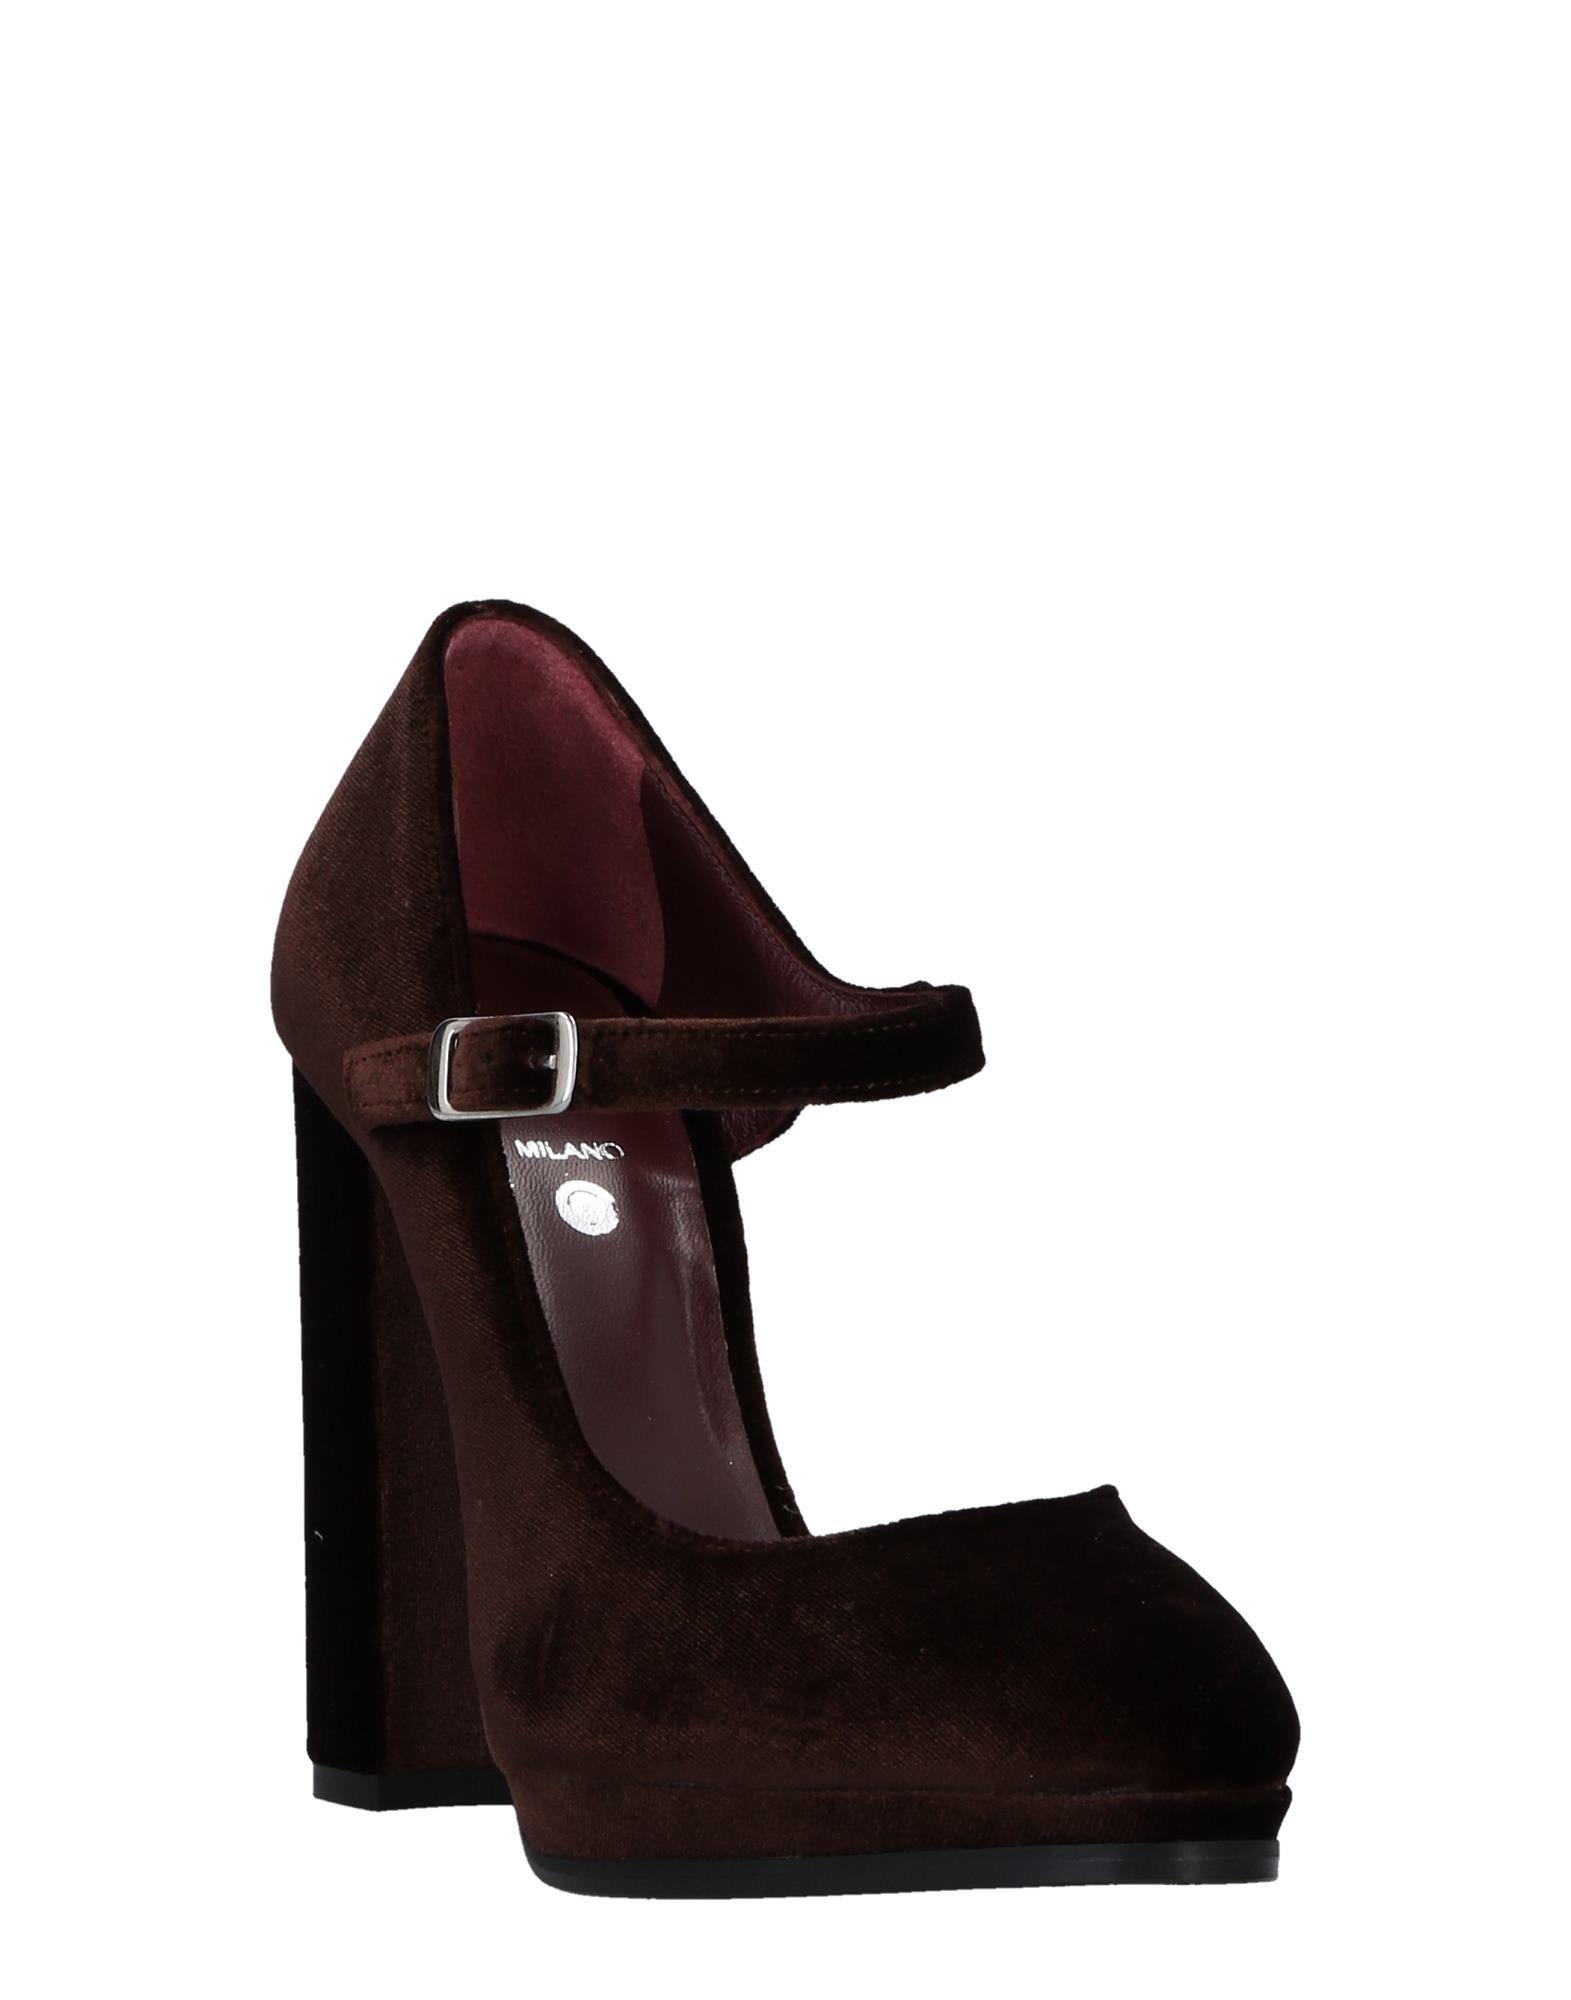 Wo Milano Pumps Damen beliebte  11512715HJ Gute Qualität beliebte Damen Schuhe 259afd